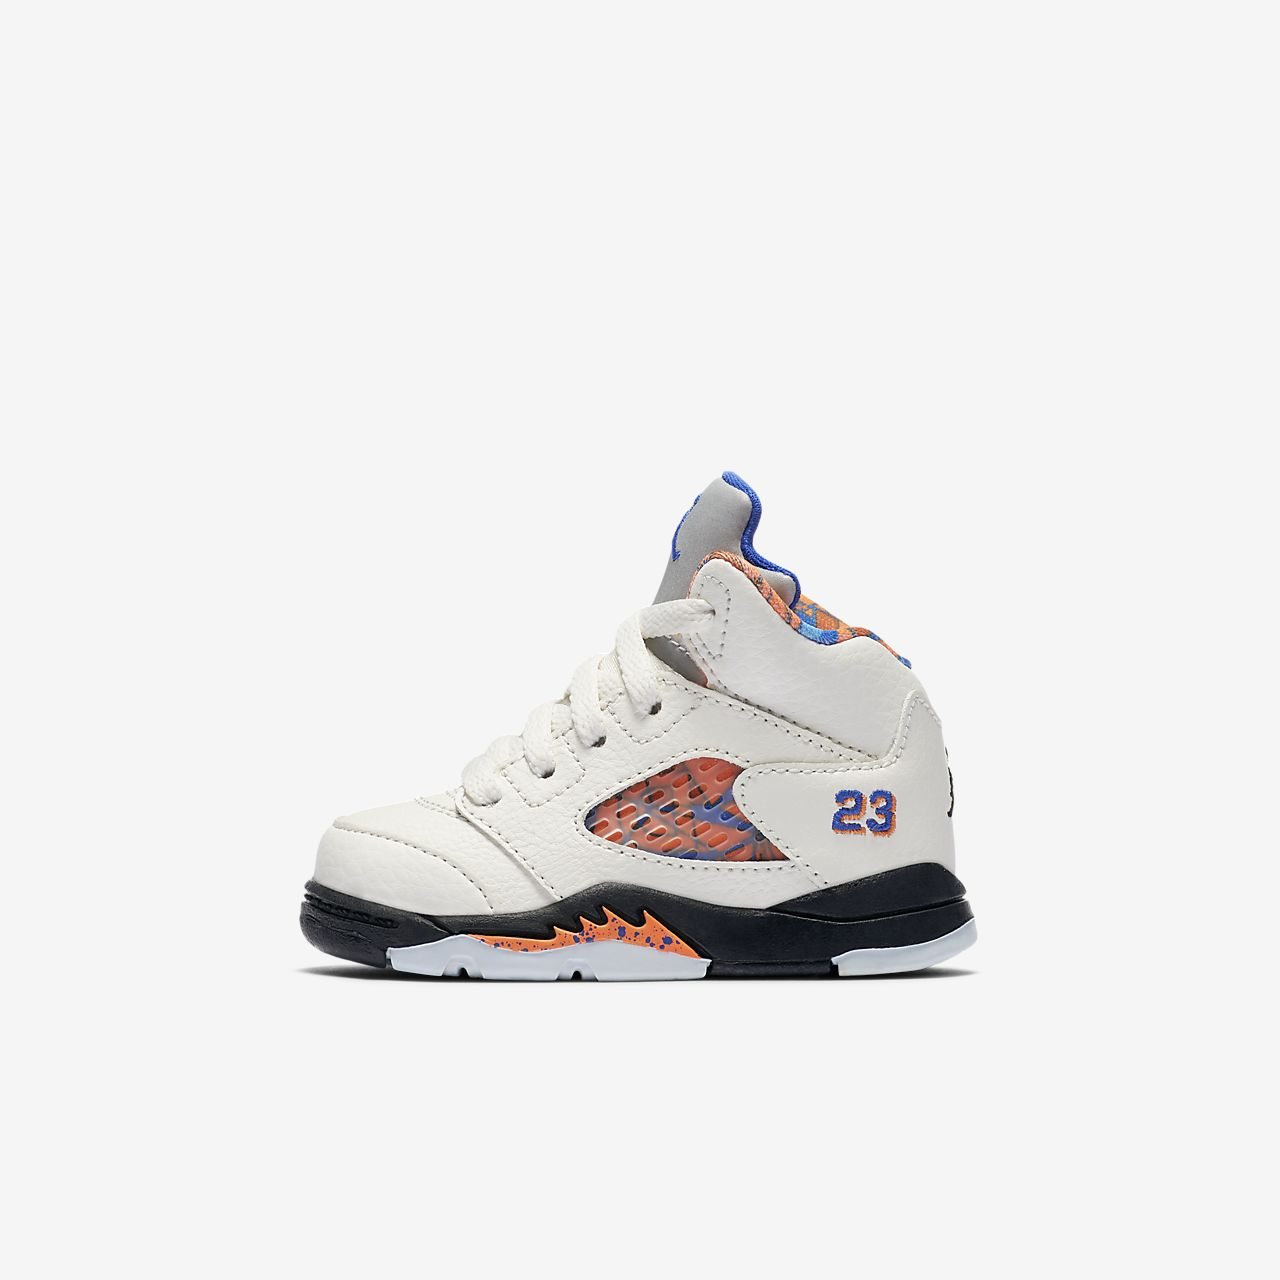 รองเท้าทารก/เด็กวัยหัดเดิน Air Jordan 5 Retro